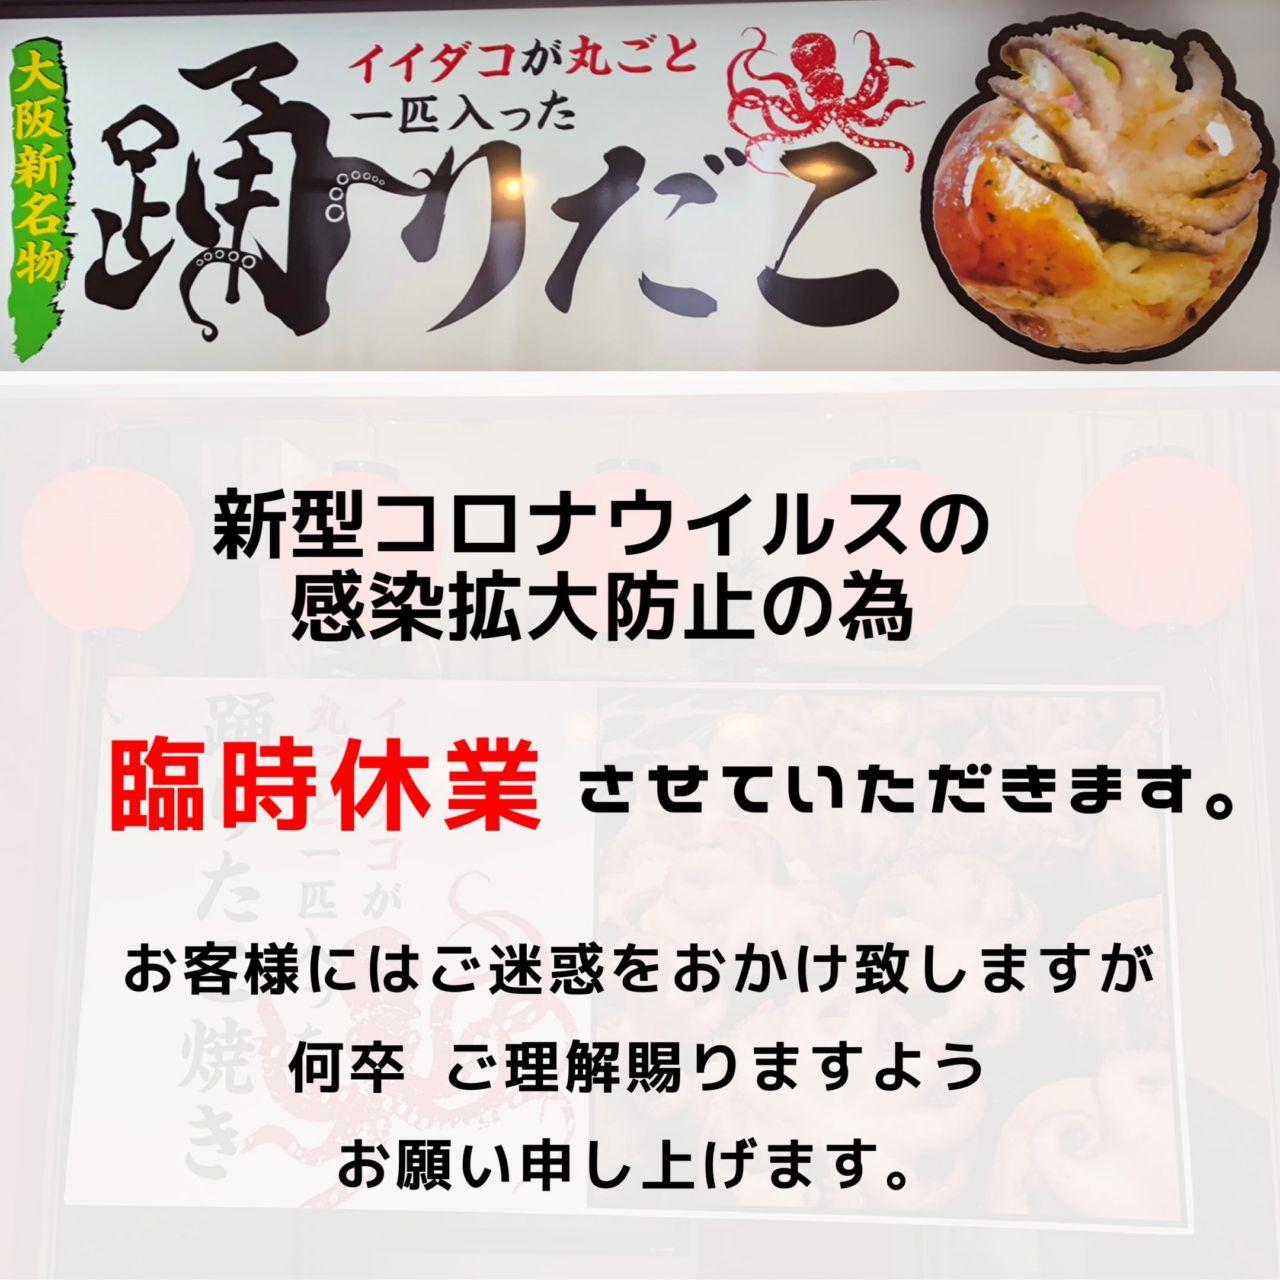 image0 (9)